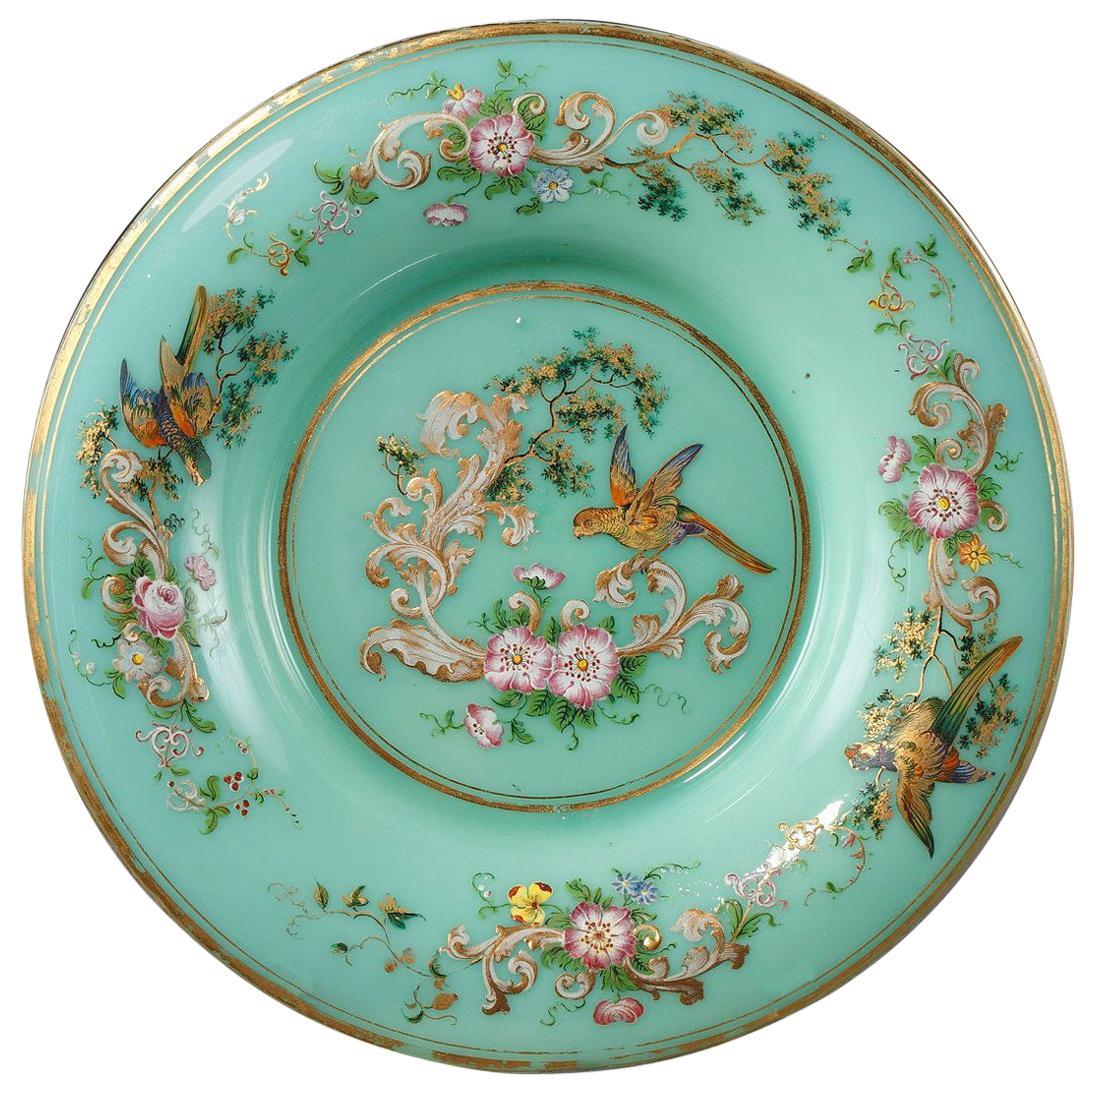 Six Opaline Plates in the Taste of Jean-françois Robert